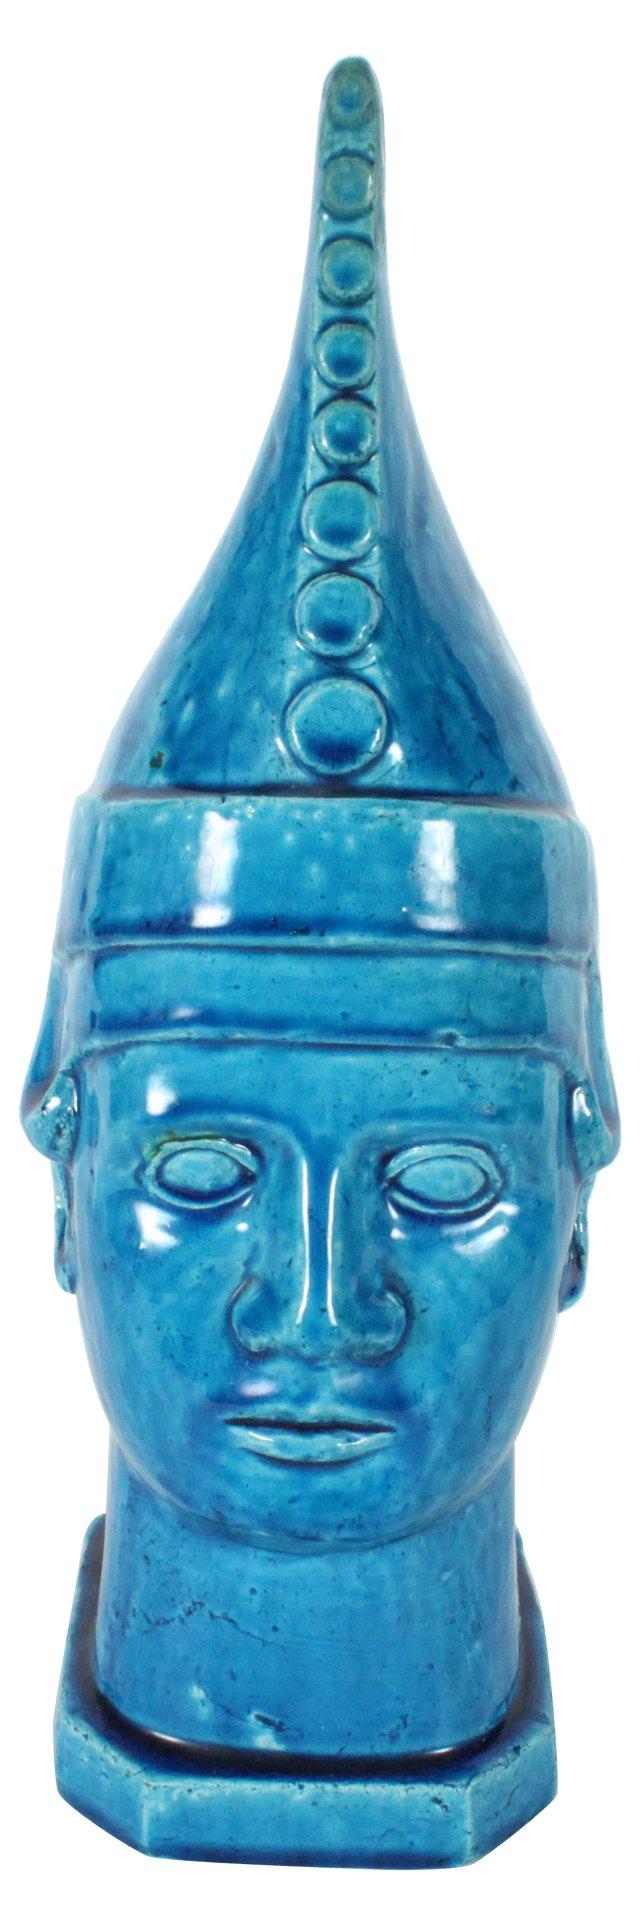 Asian Buddha Head